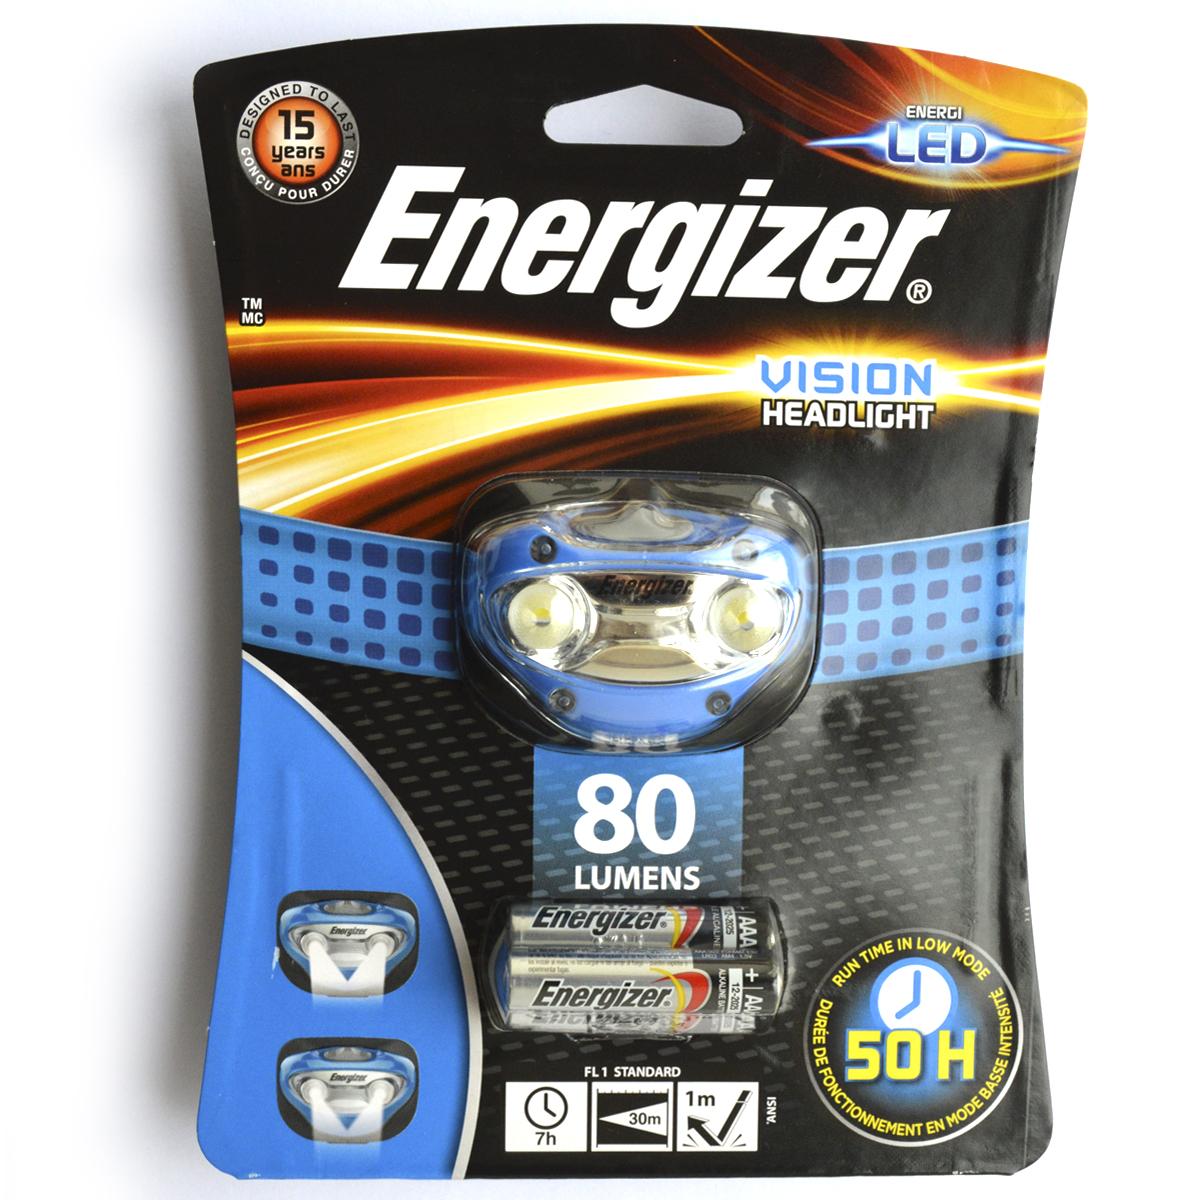 Фонарь налобный Energizer Headlight Vision. E300280300677422 белых светодиодаРежимы освещения с высокой и низкой мощностьюПолзунковый переключатель включения/выключенияРегулируемая эластичная лента для крепления на головуПоворотная головка Небьющиеся линзыУстойчив к падению с высоты в 1 метр Расчетный срок службы 15 лет3 щелочных батарейки типоразмера AAA (входят в комплект)Обновлен и улучшен по сравнению с предыдущей линейкой, светит до 4 раз ярче, чем обычные светодиодные фонари